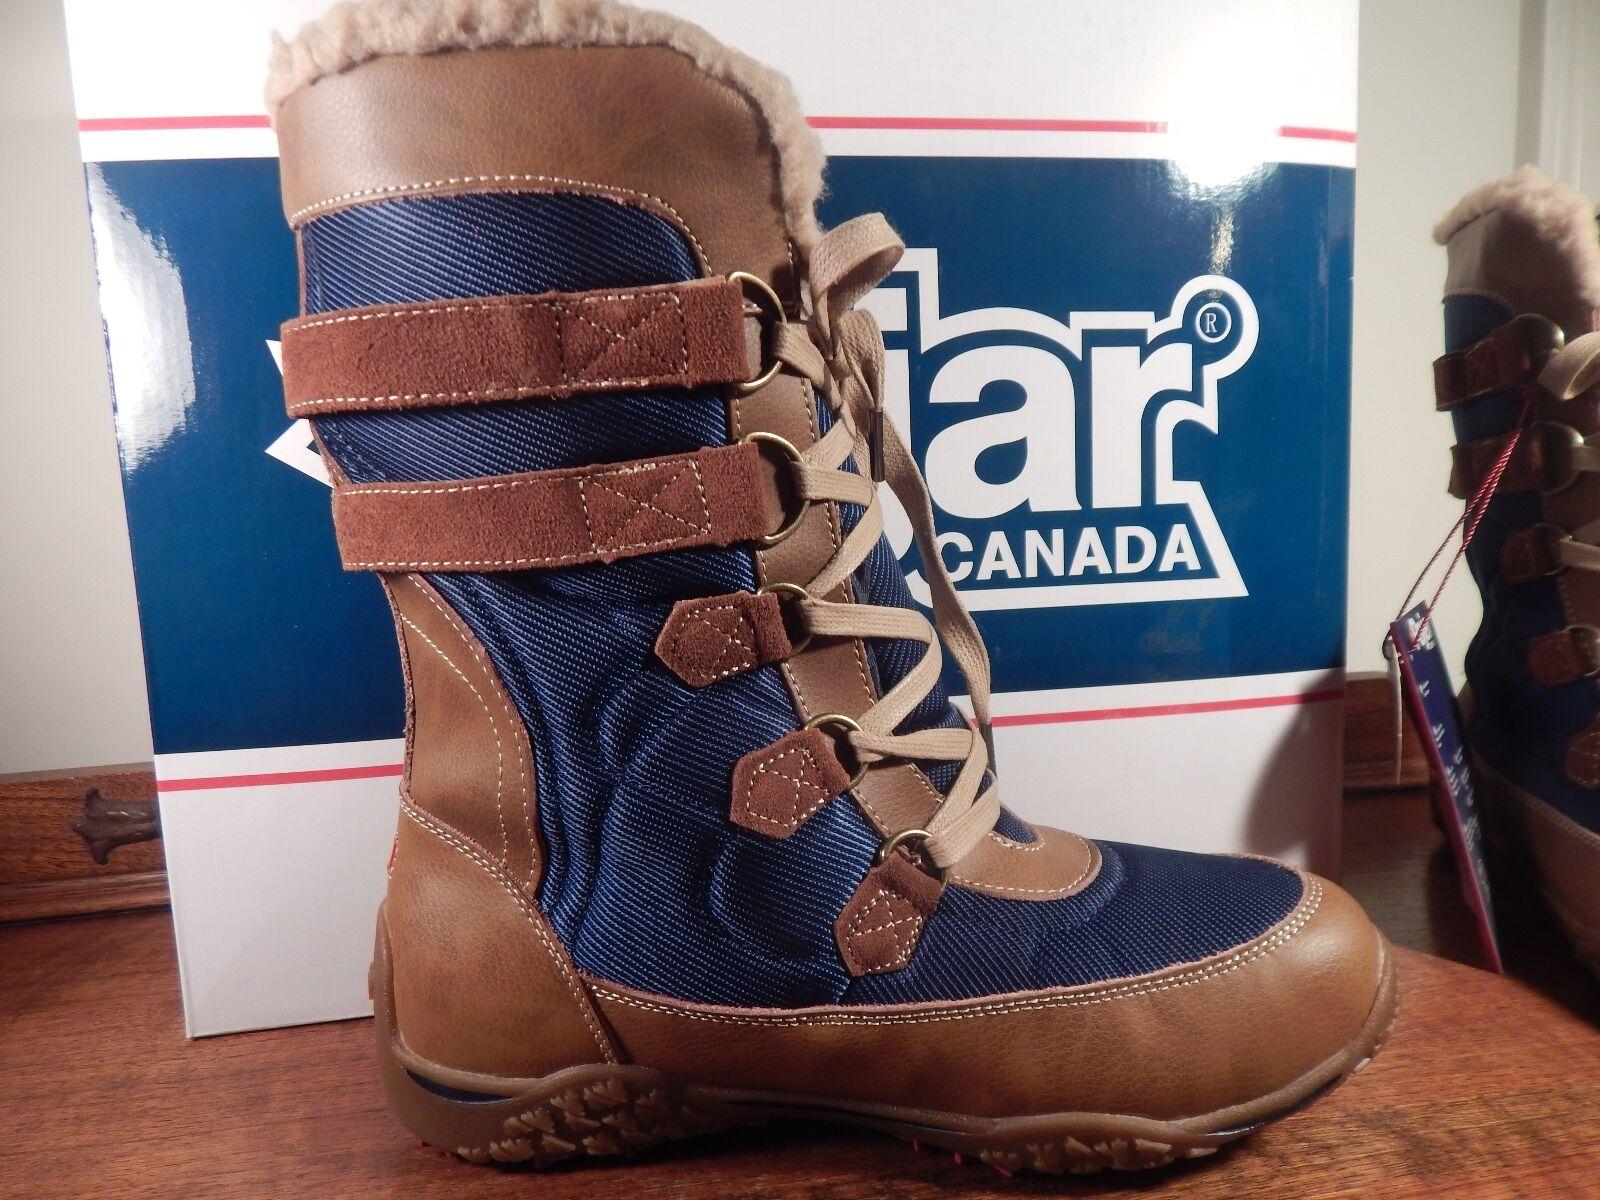 Pajar Cognac/Navy Canada Aventure Niedrig Damenschuhe Cognac/Navy Pajar Winter Stiefel Größe 38 US 7.5-8 b1ef29